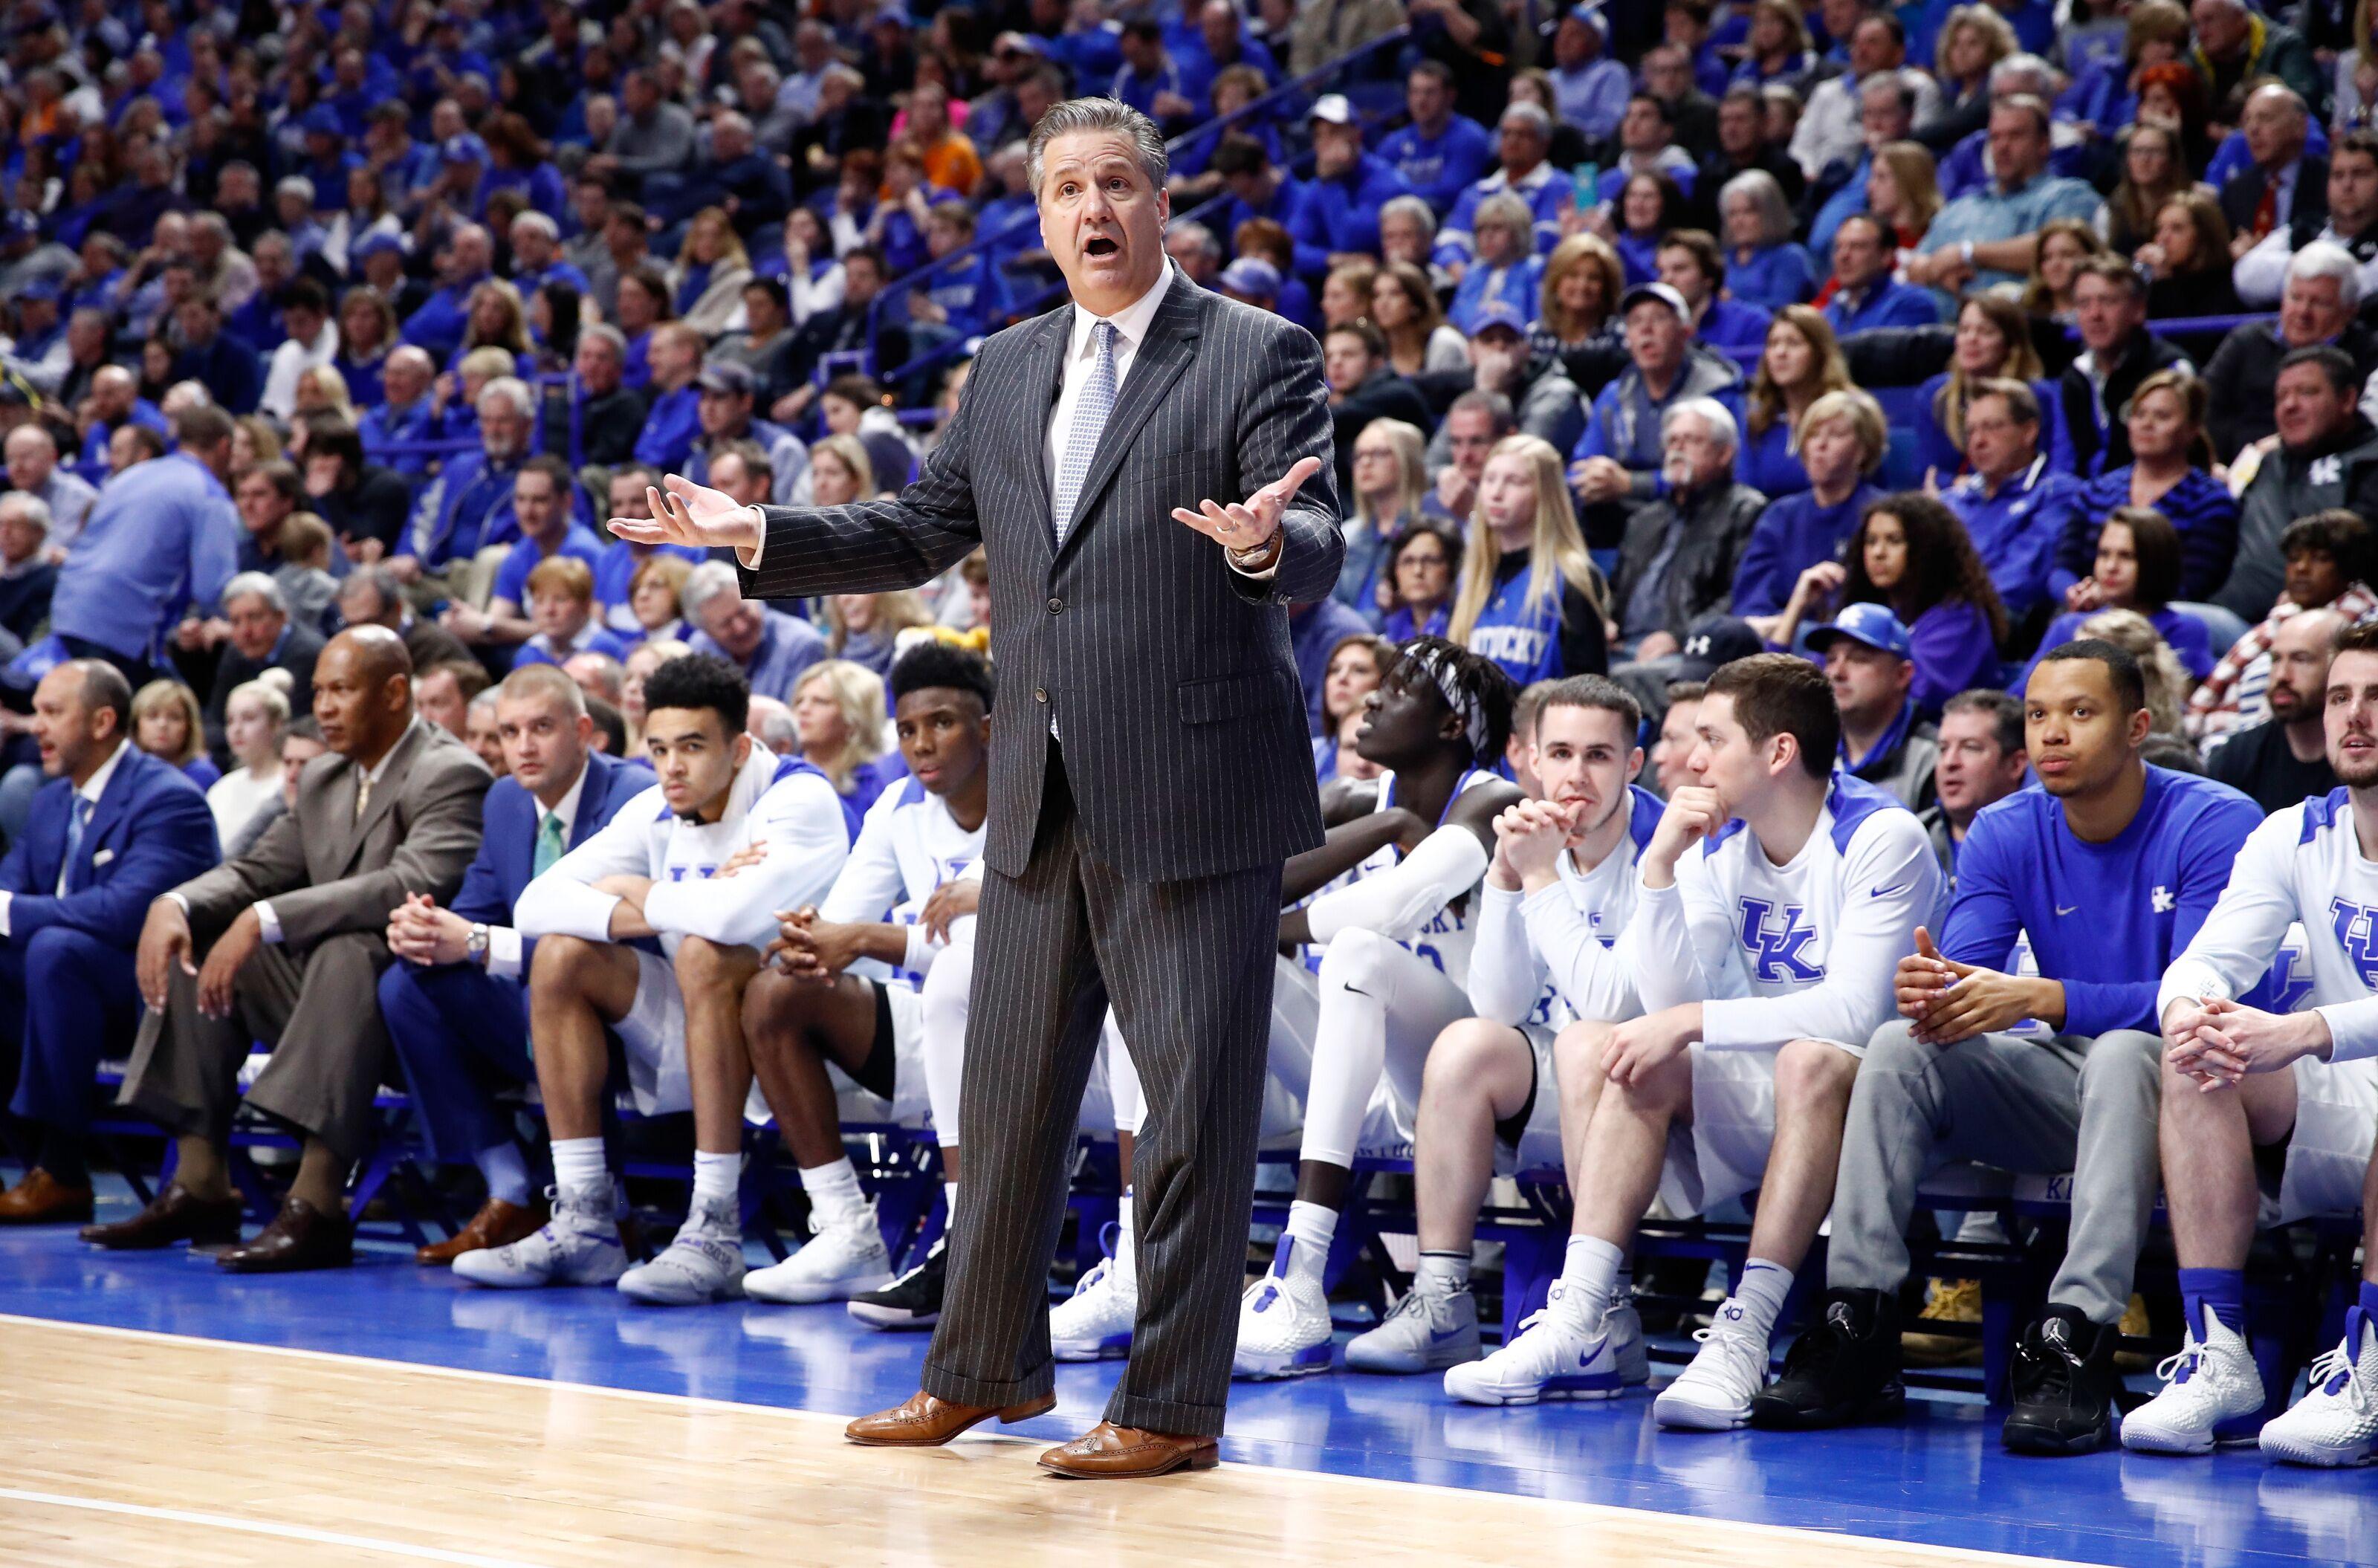 Kentucky Basketball 2017 18 Season Preview For The Wildcats: Kentucky Basketball: 5 Keys For A Successful 2018-19 Campaign